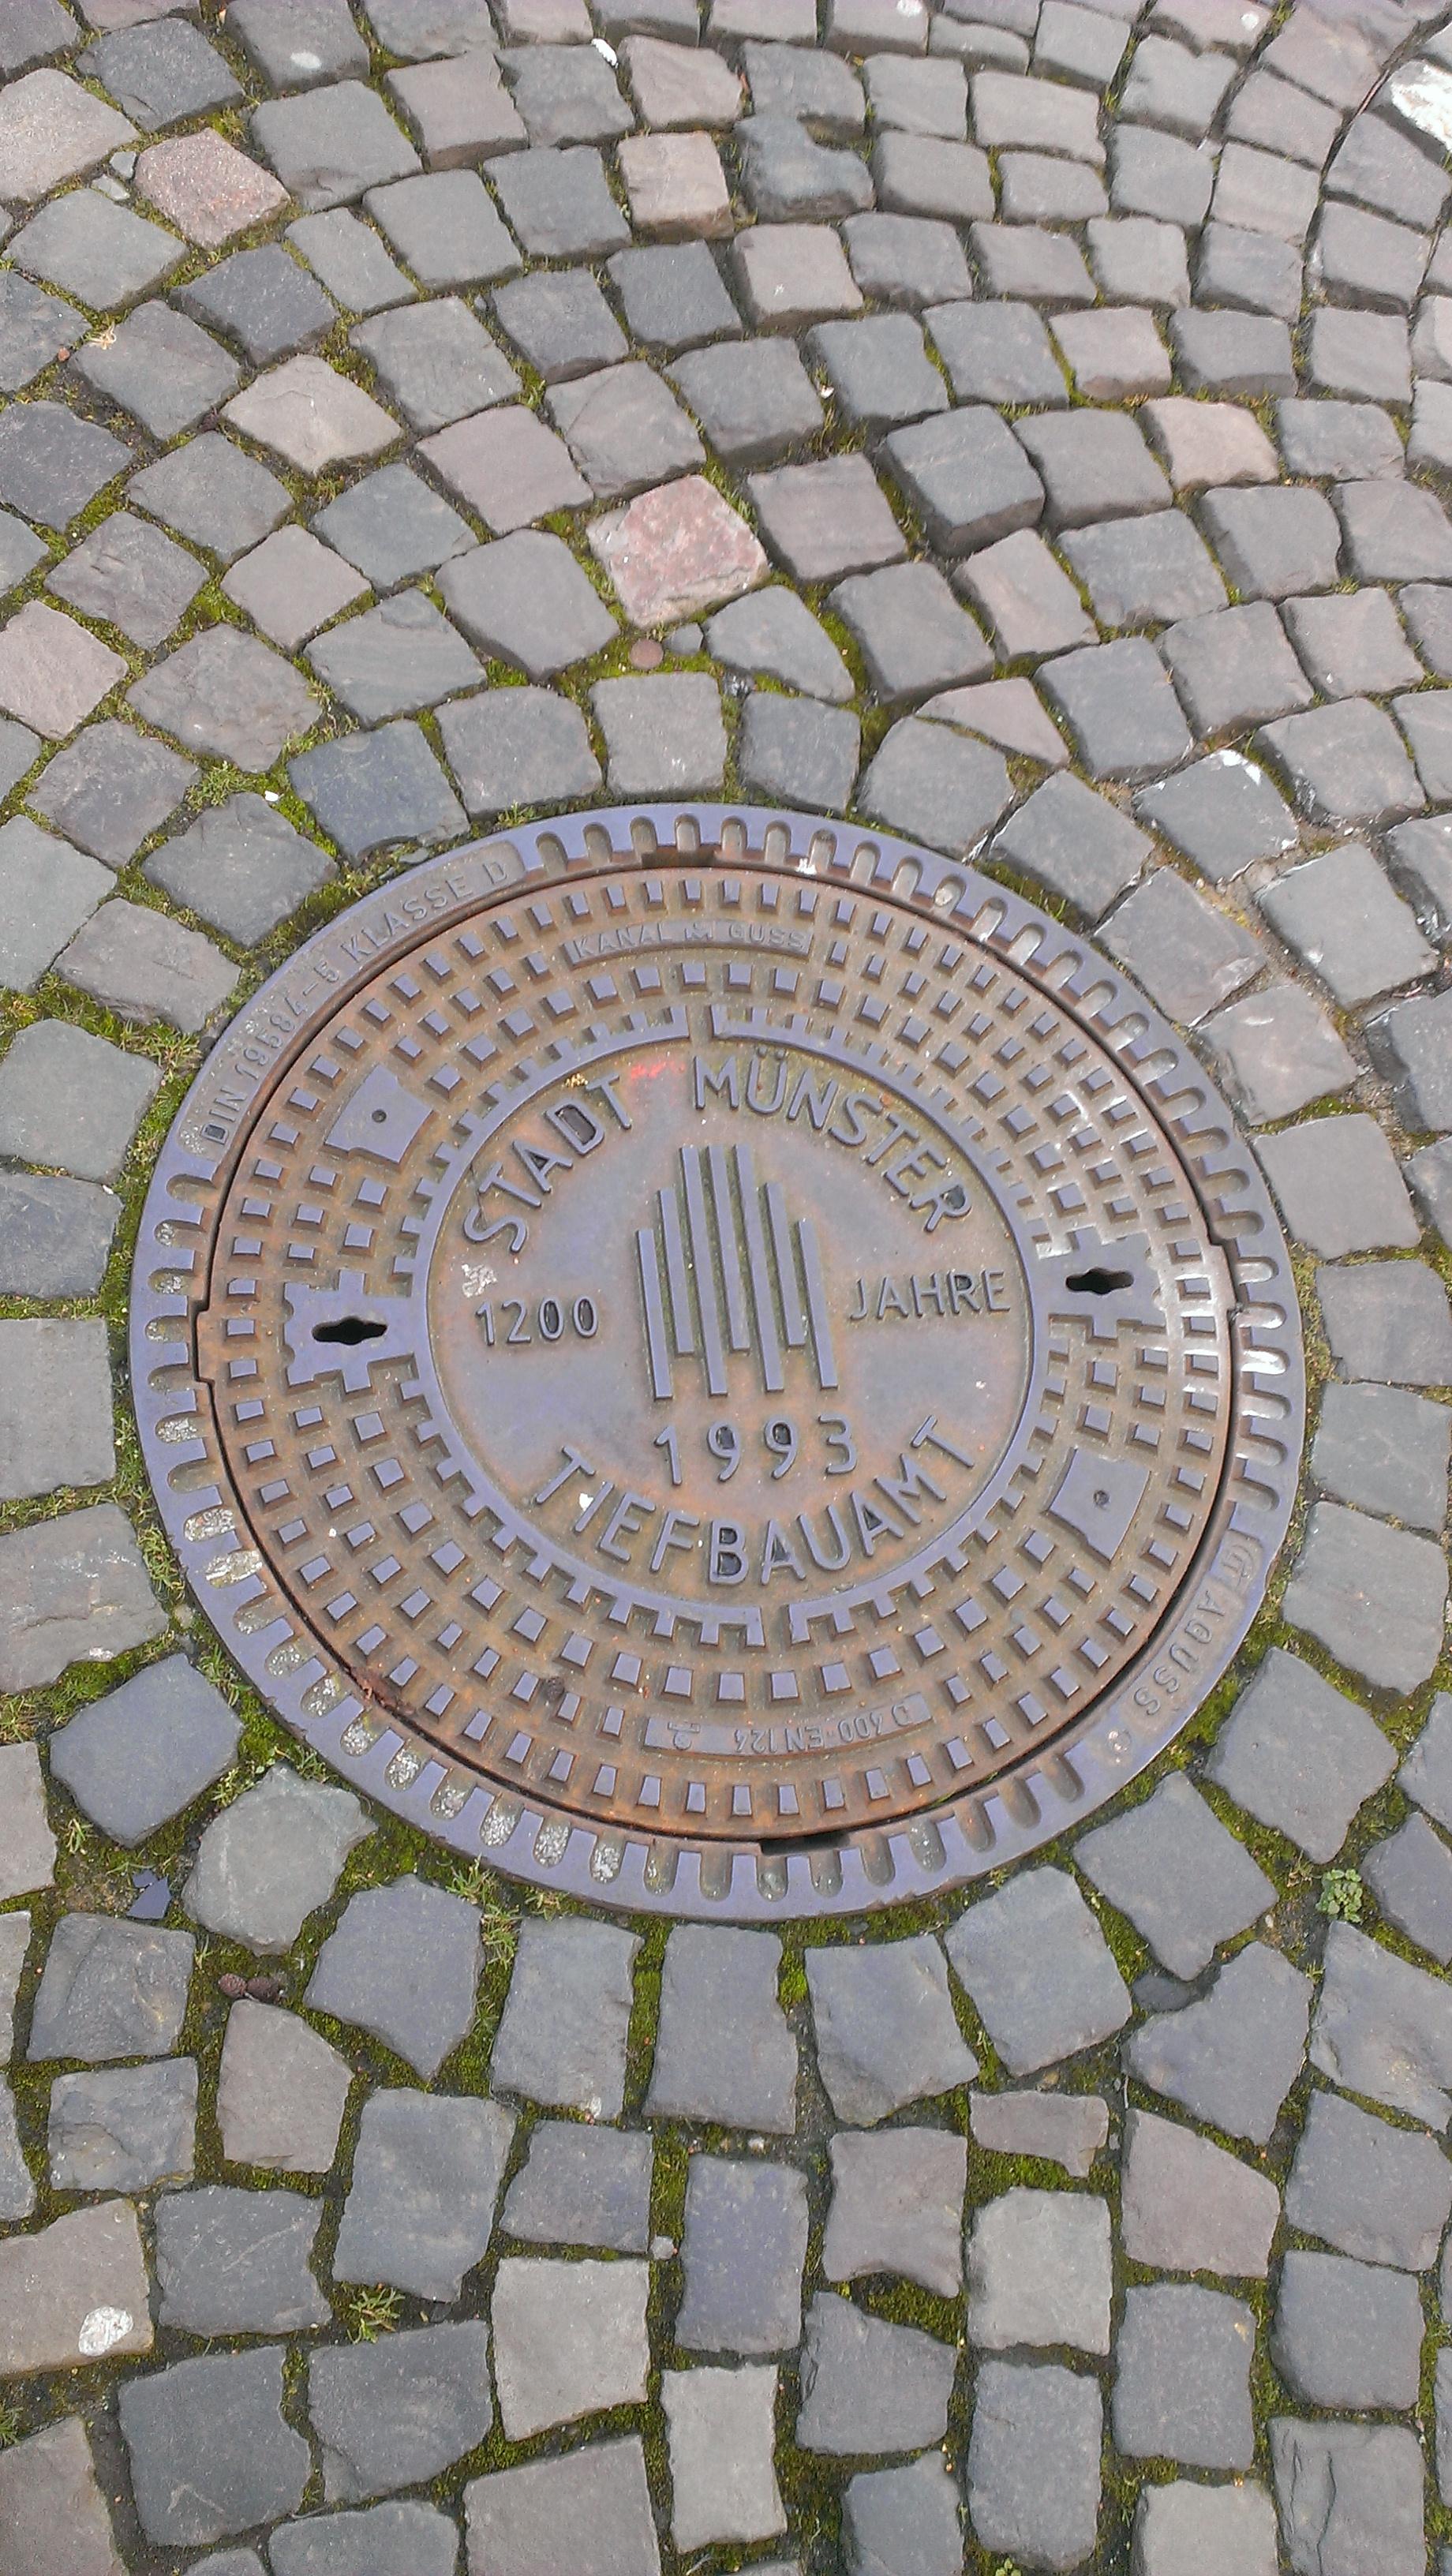 Gulli-Mittwoch - Münster